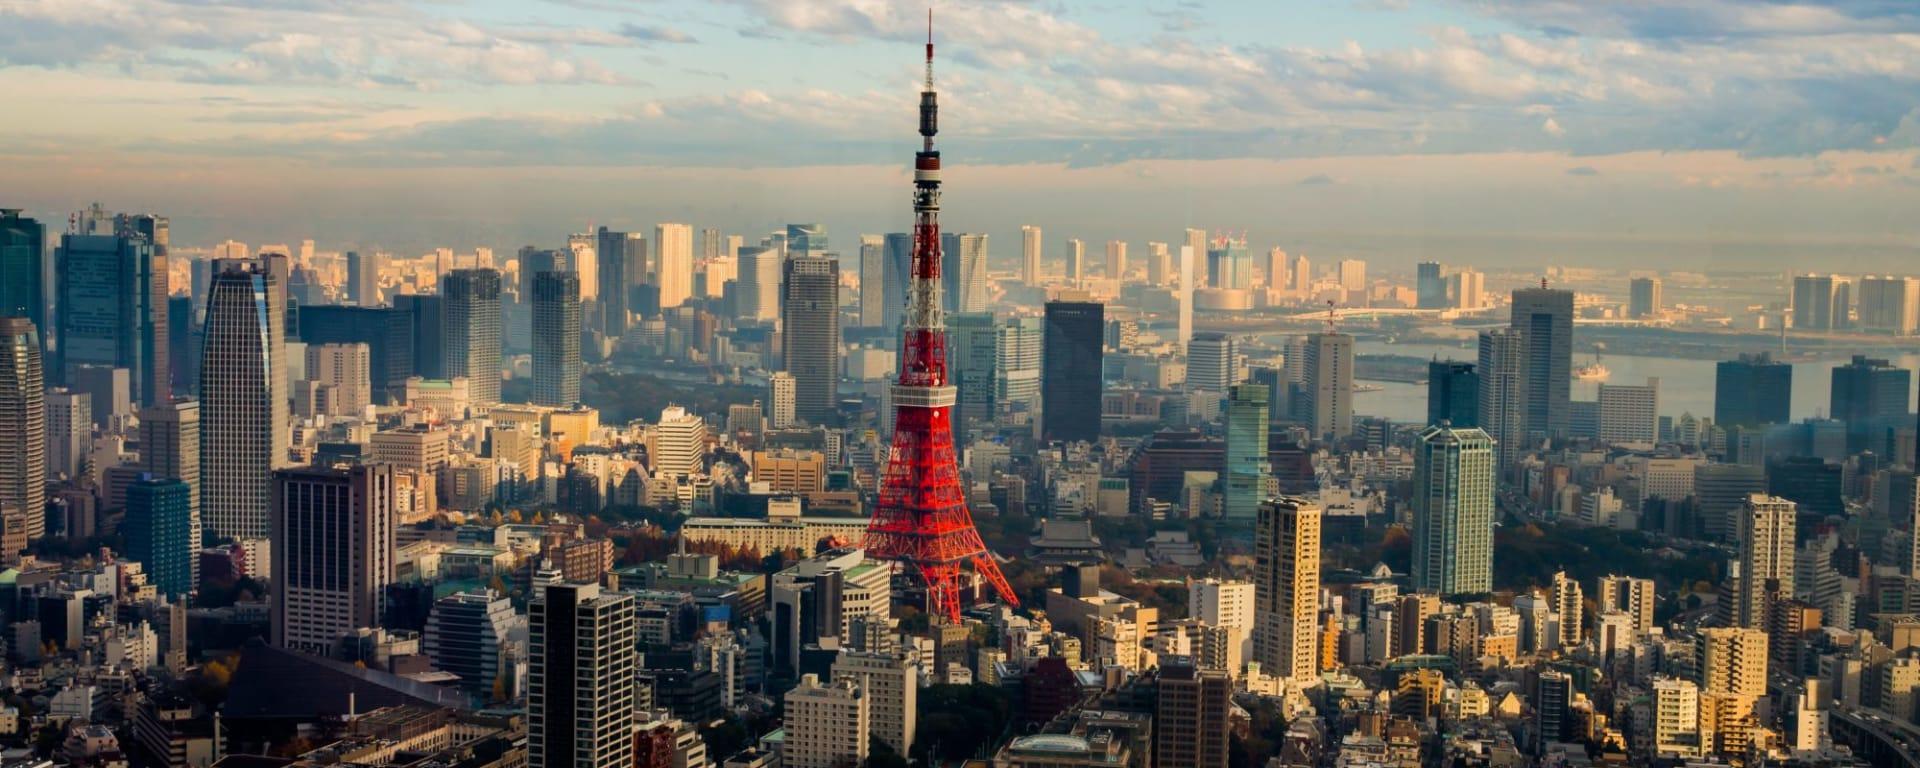 Contrastes du Japon de Tokyo: Tokyo: City view with Tower